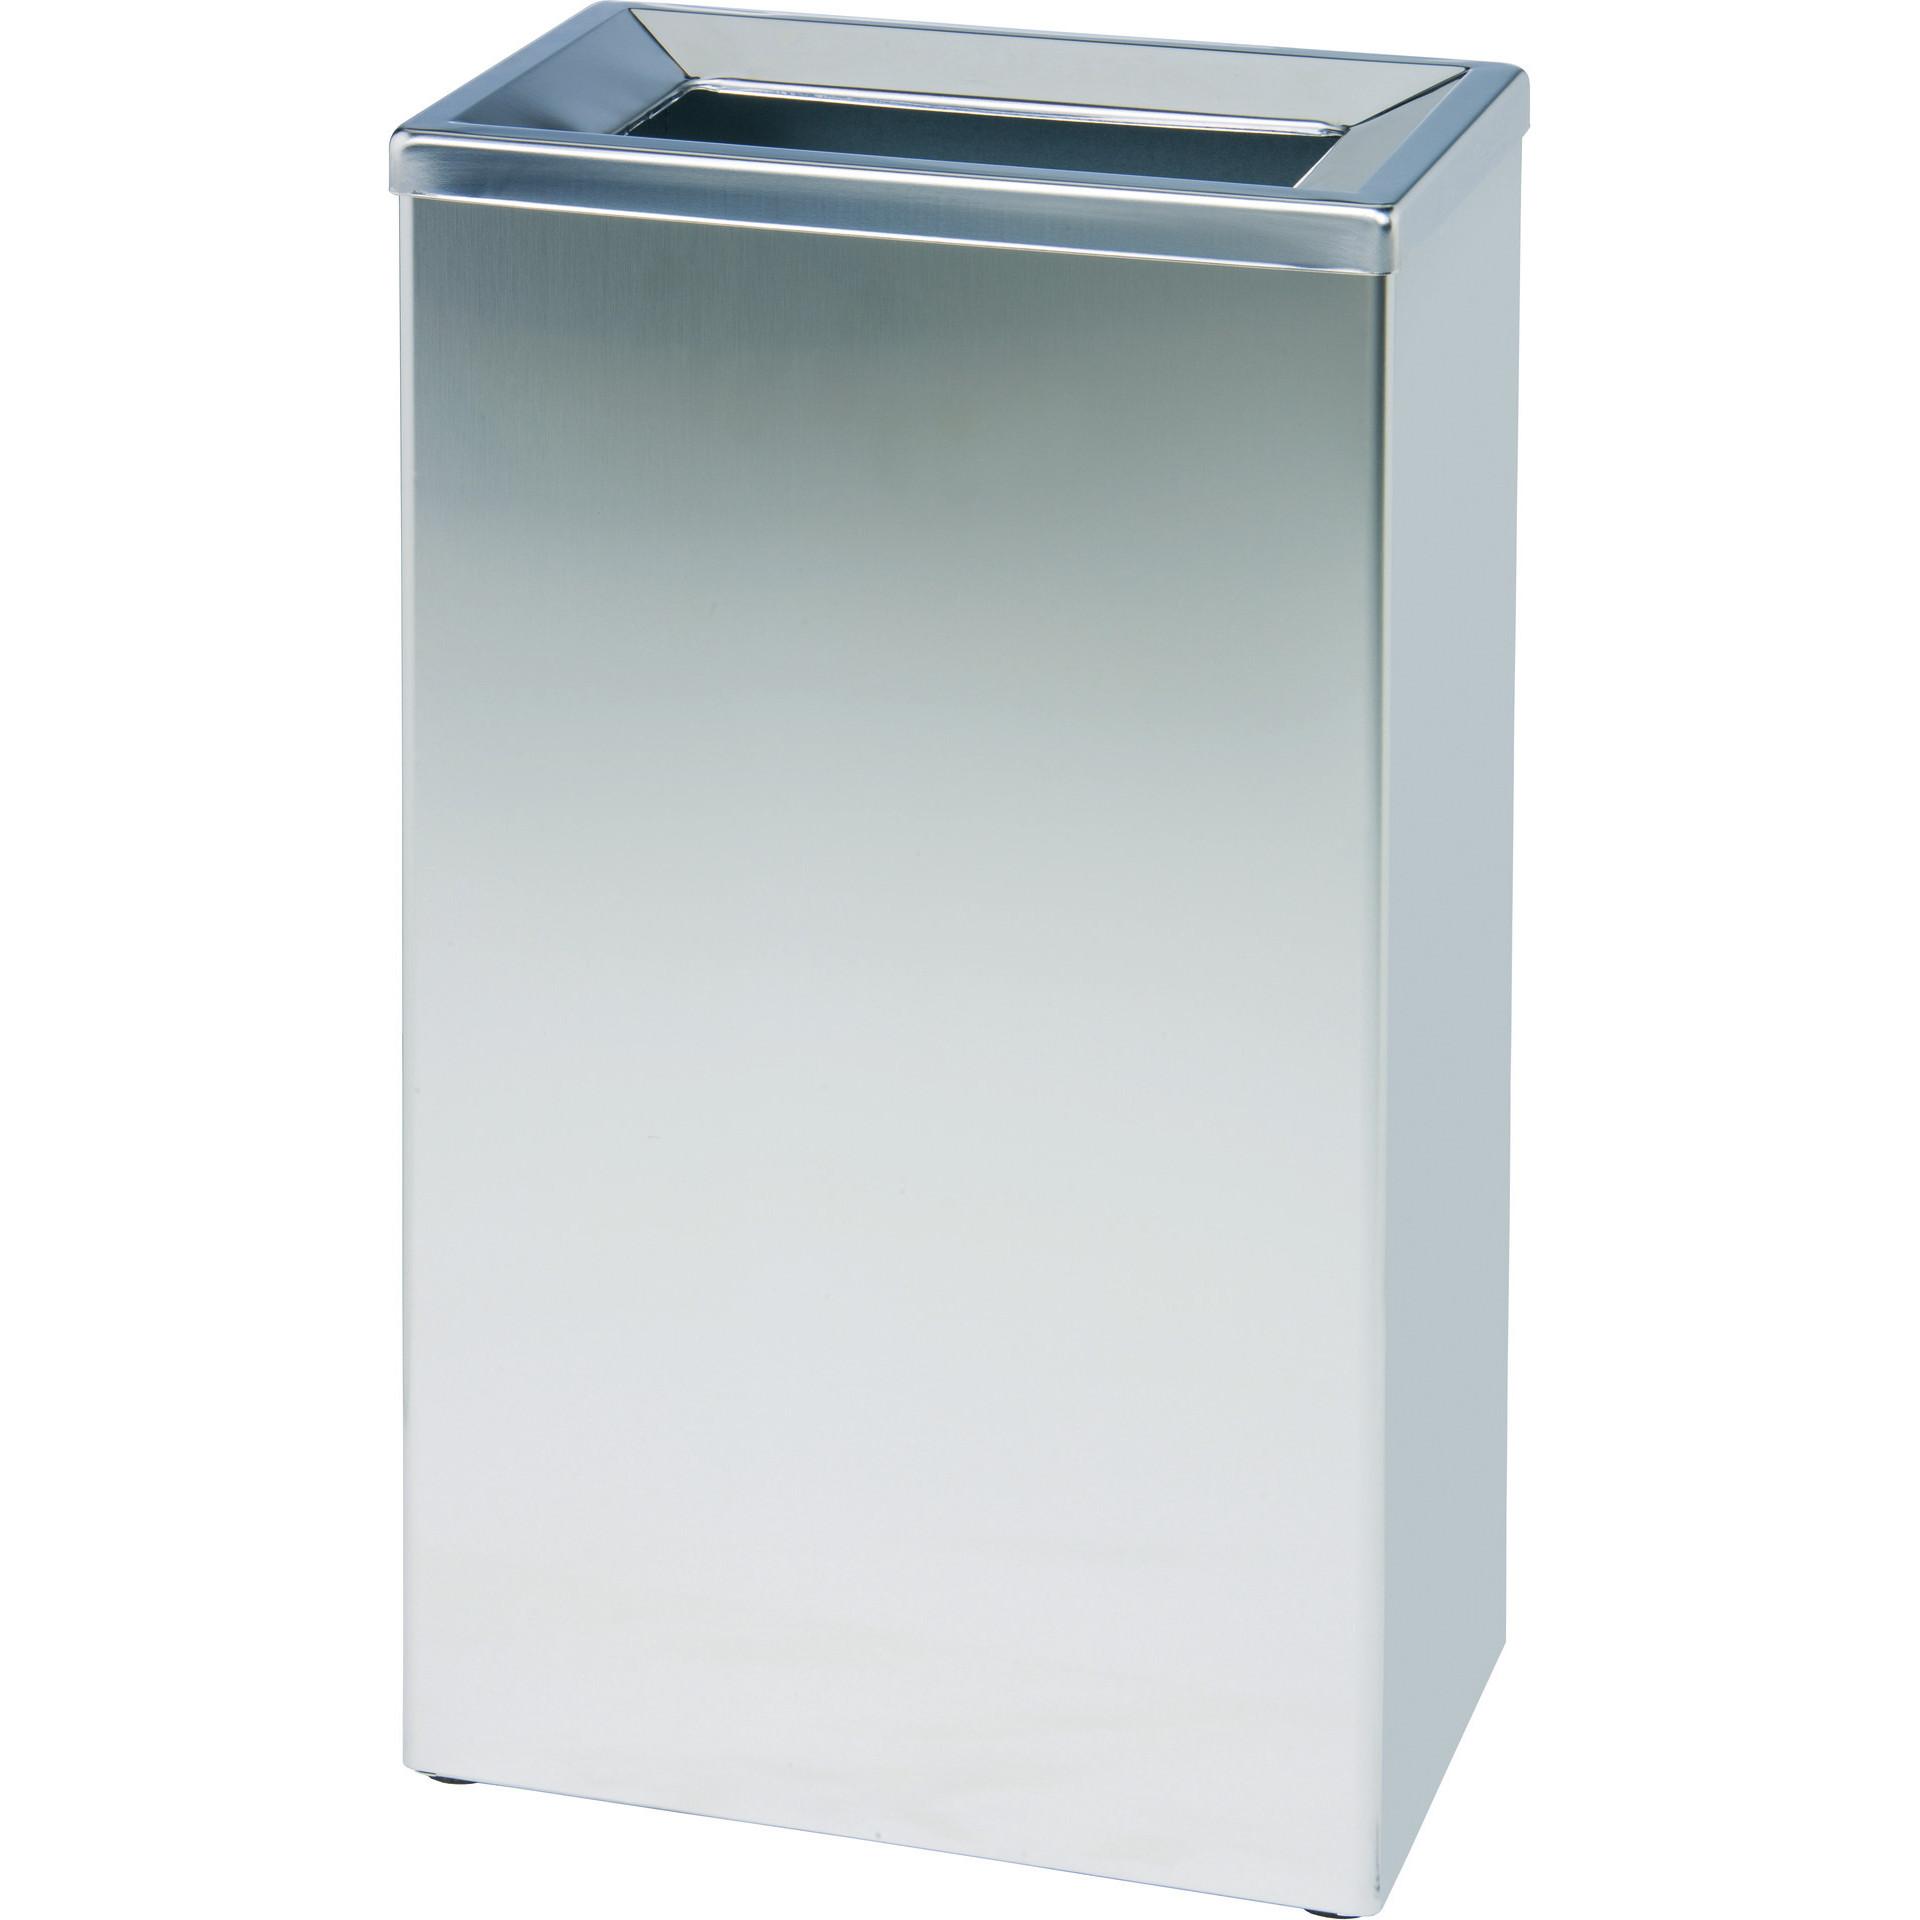 Abfallbehälter, 25 l, Edelstahl matt